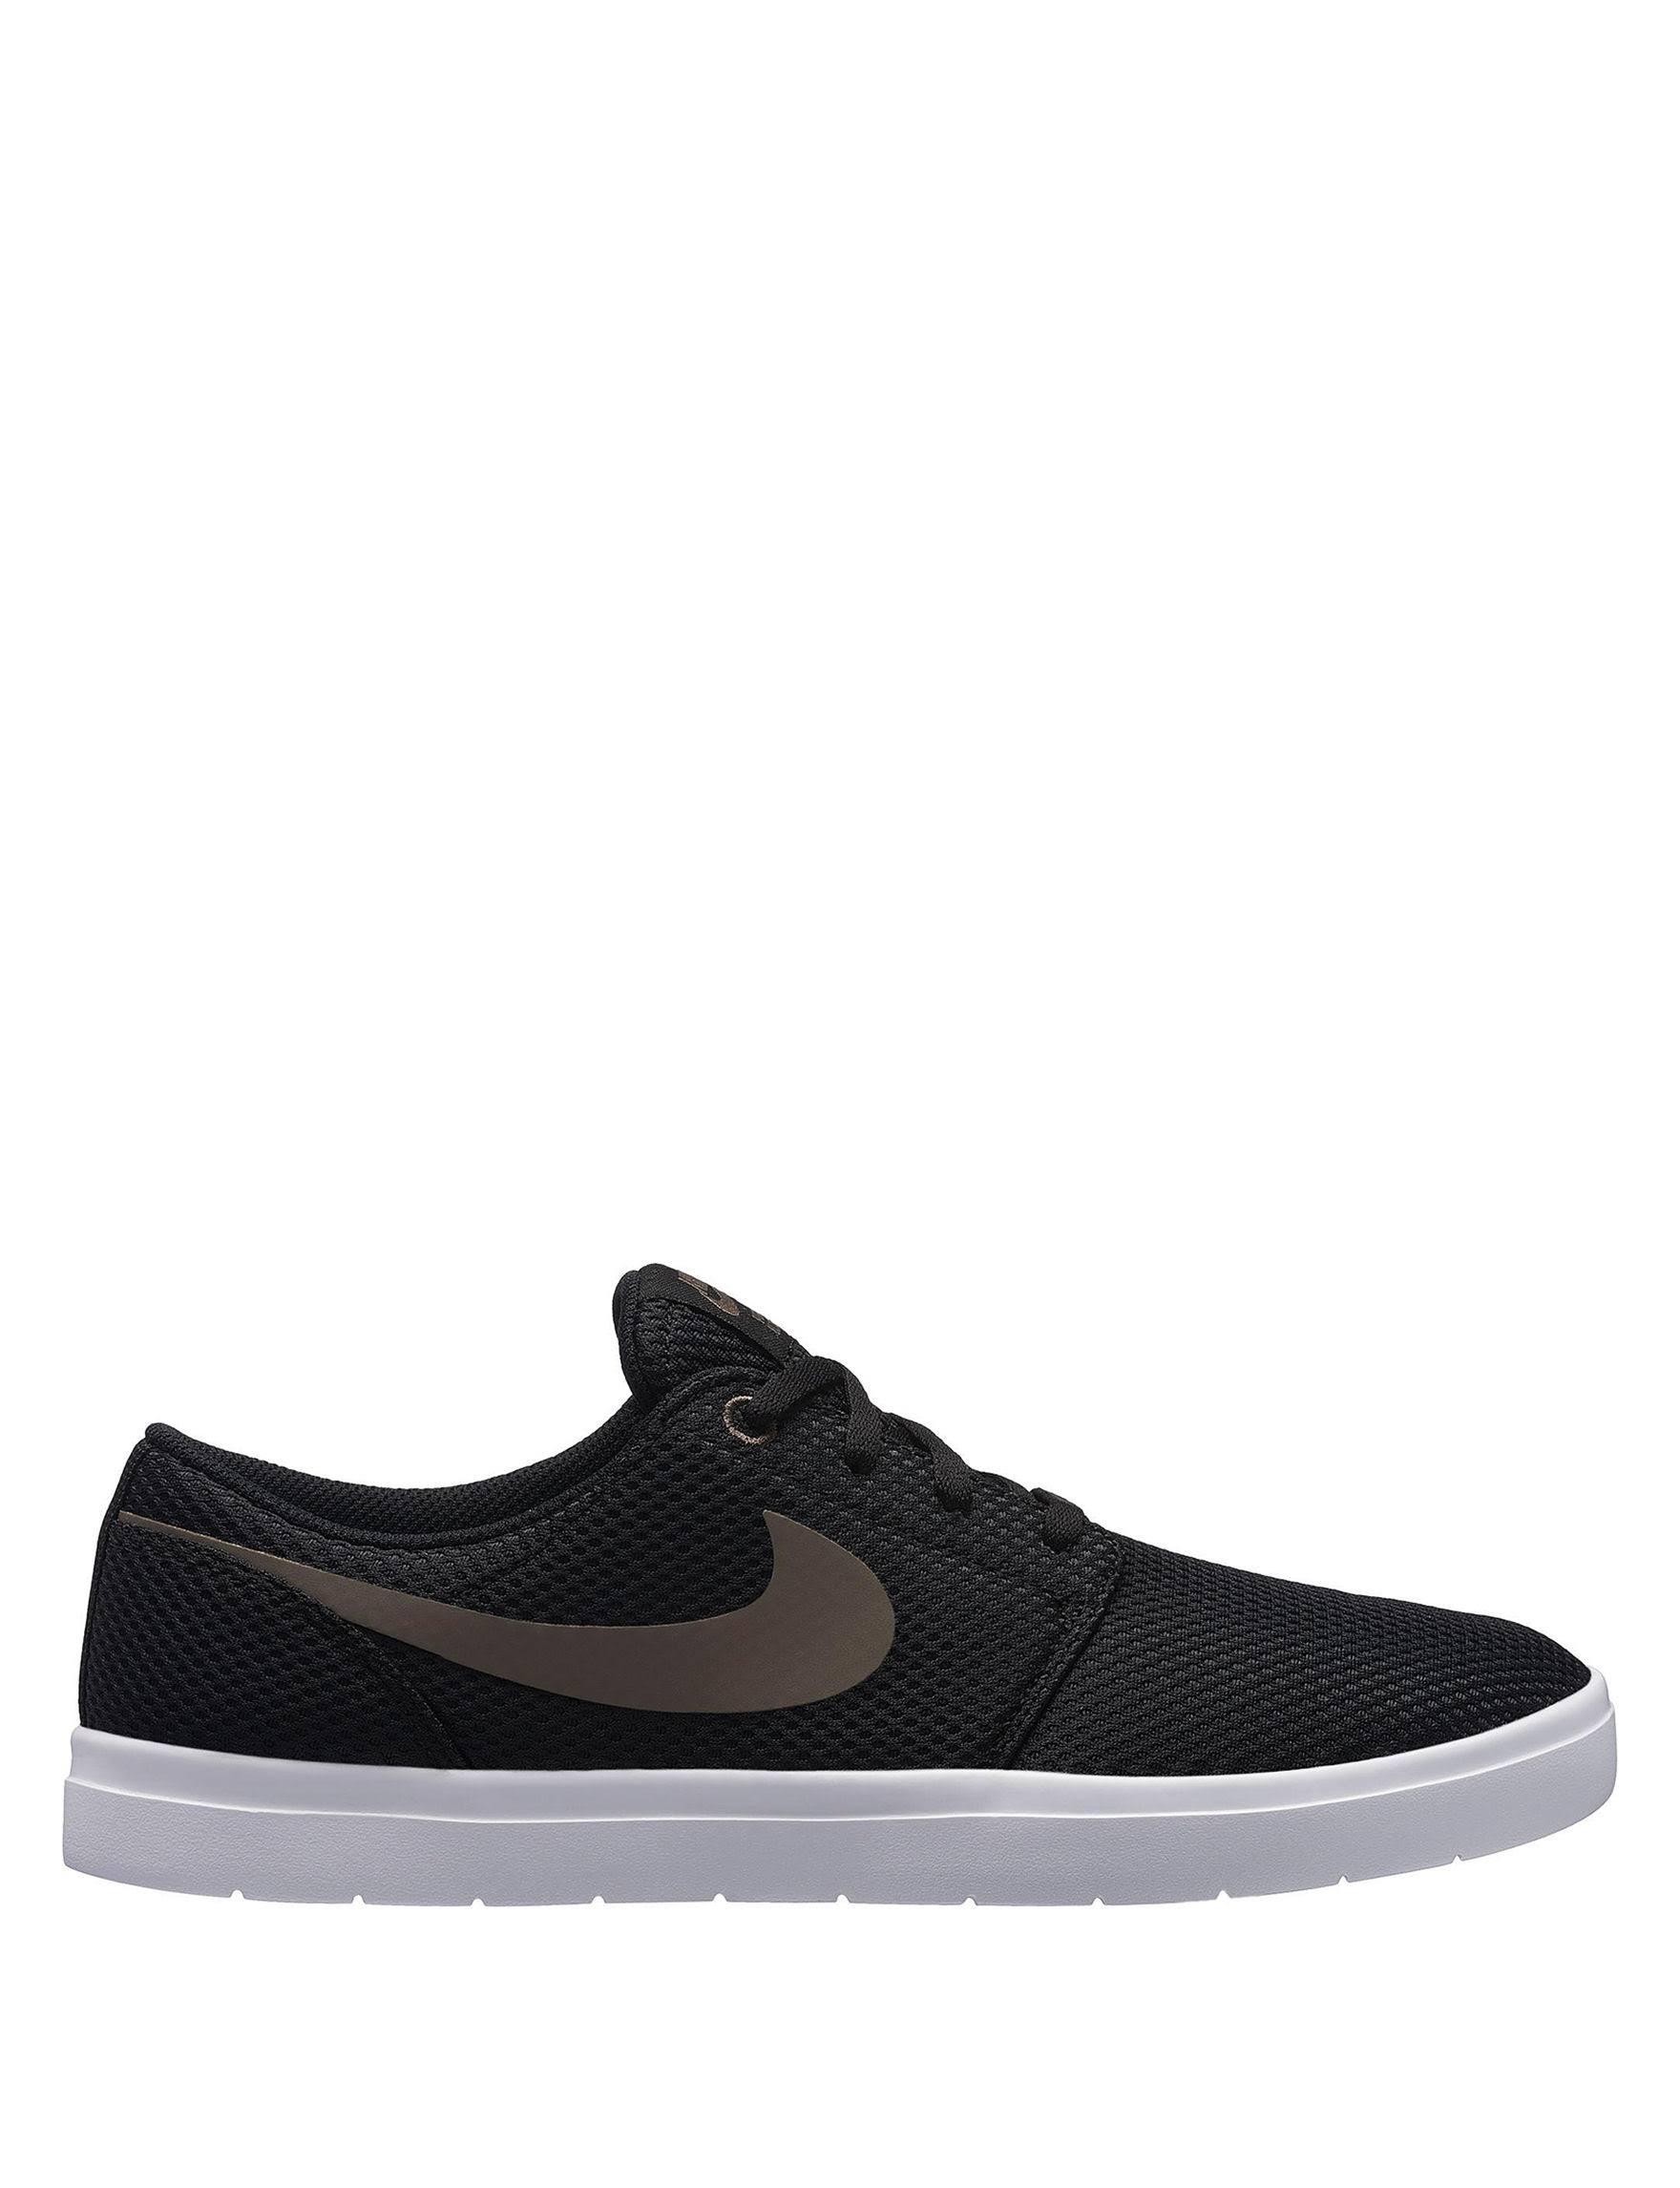 Portmore De Nike Zapatillas Hombre Negro Para Ii Color Bronceado Skate Ultraligeras Blanco Sike qIwd1w